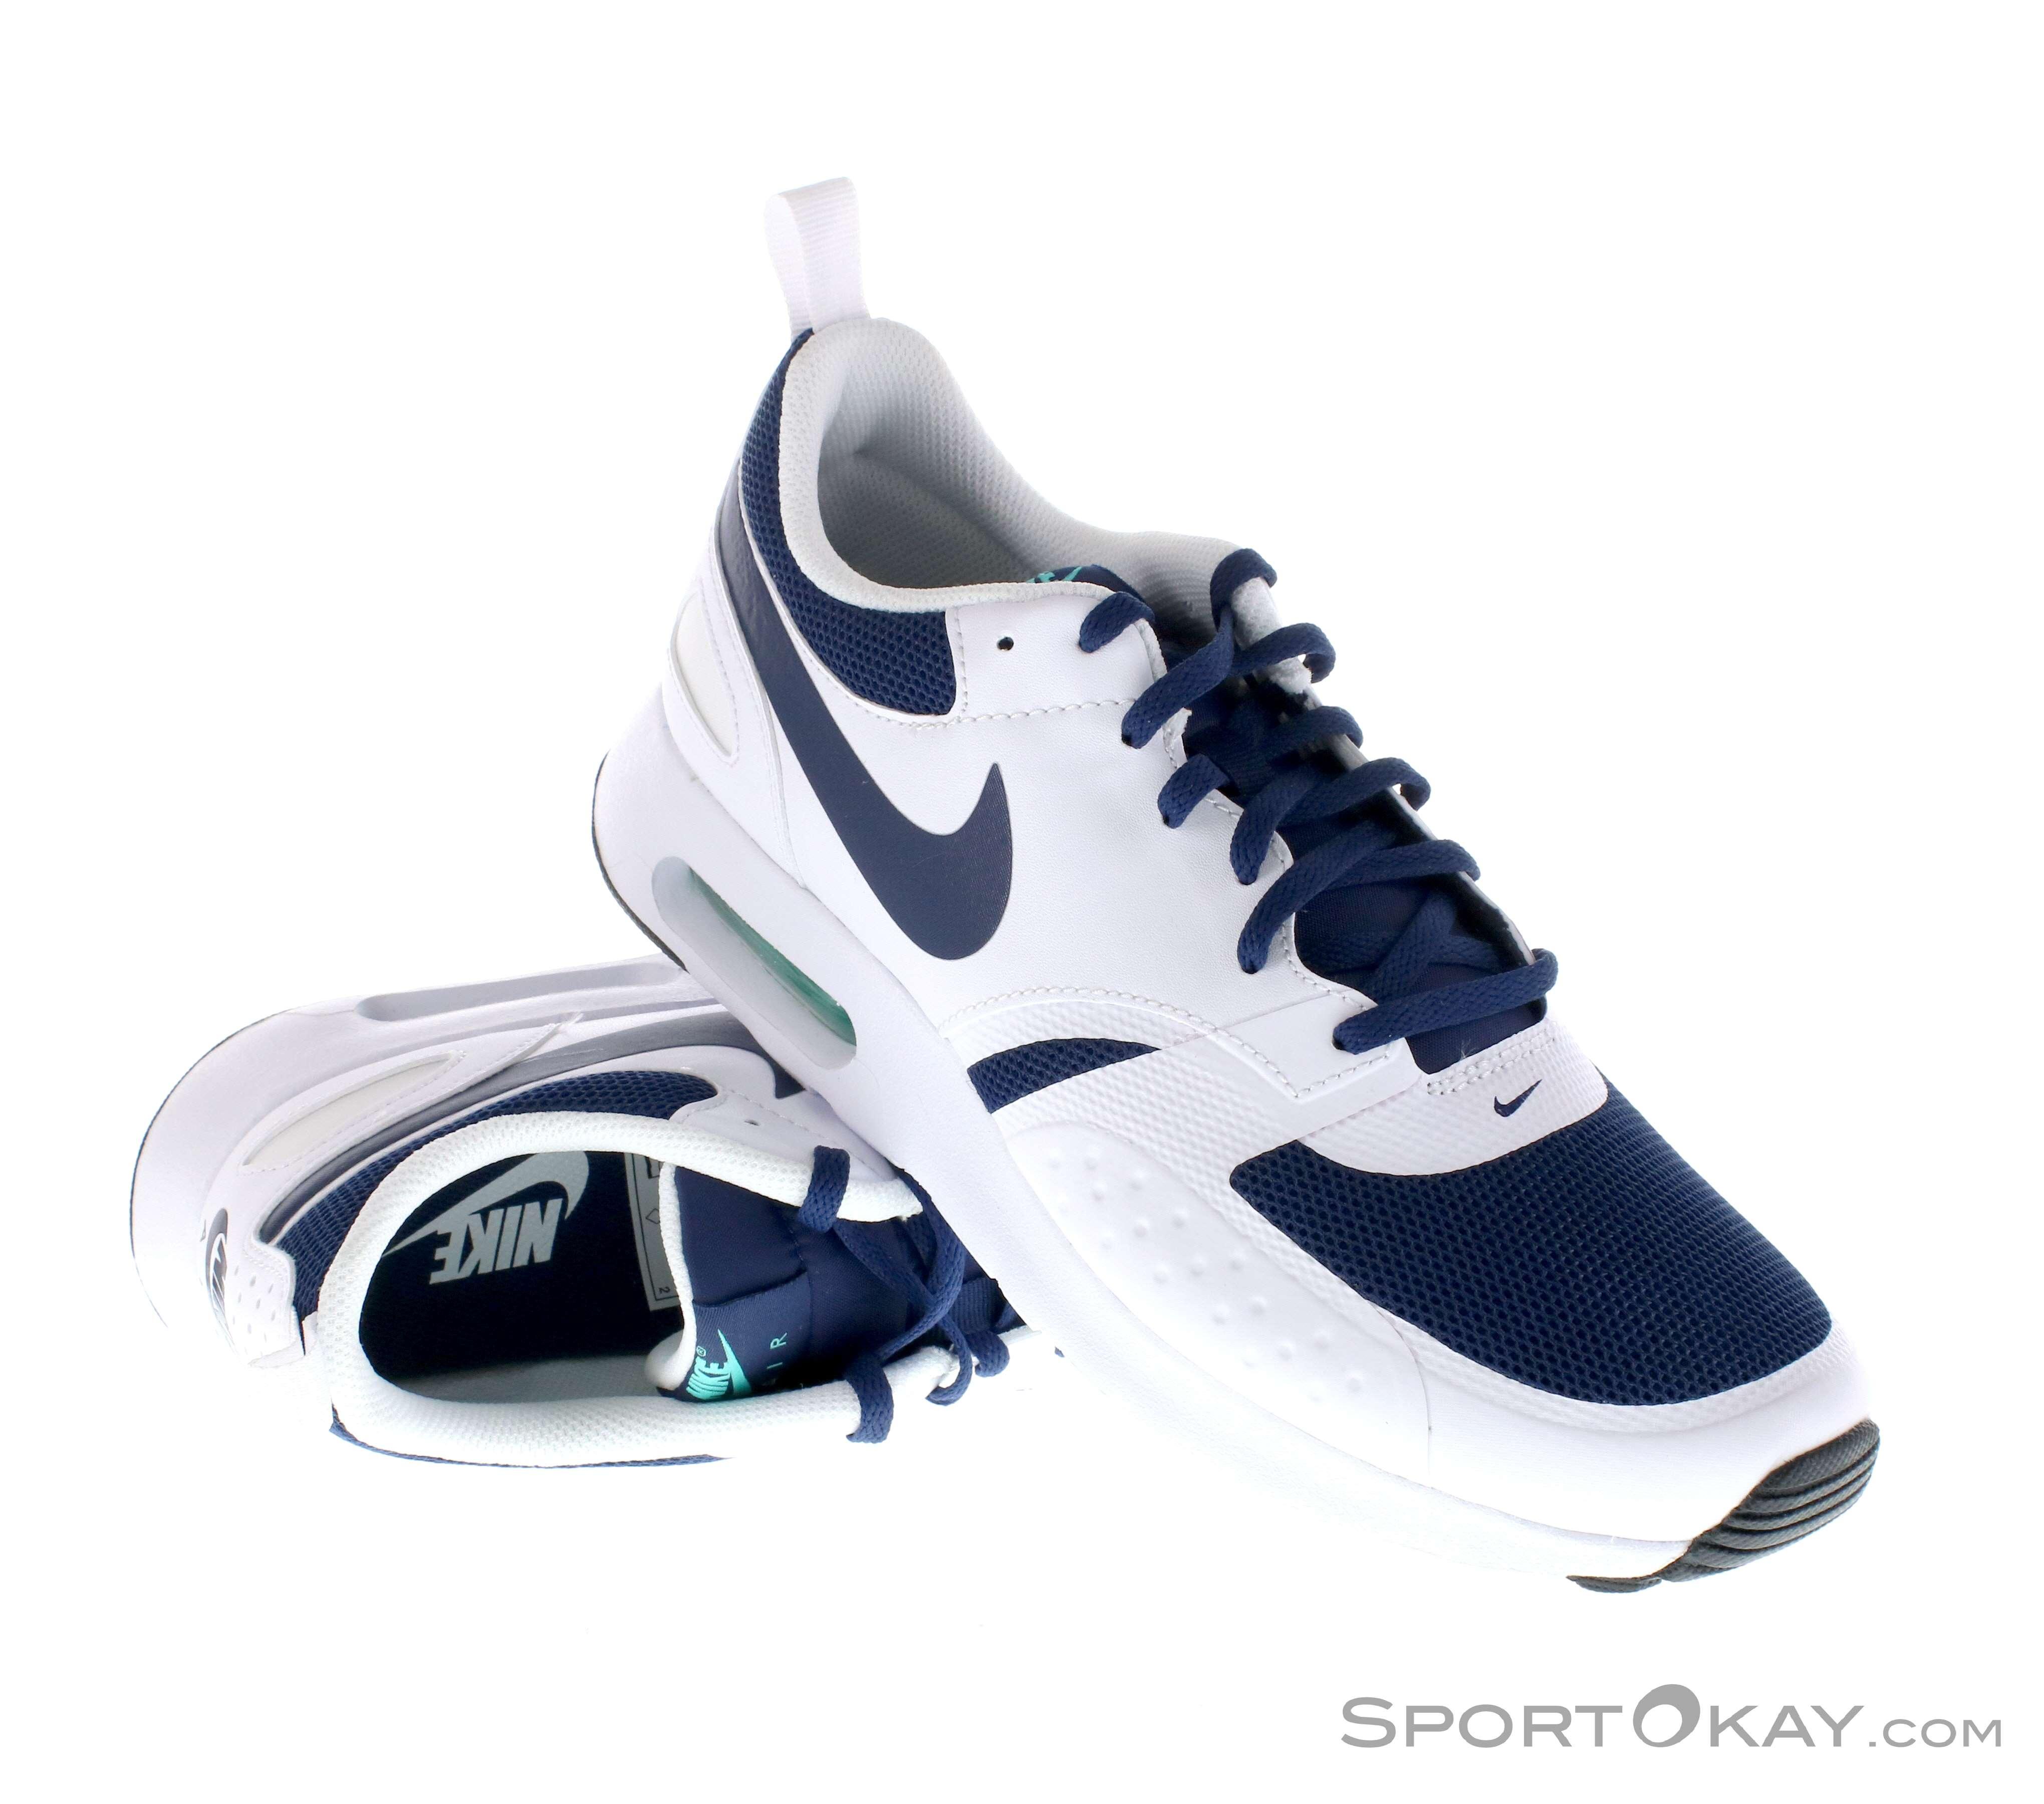 Nike Nike Air Max Vision Mens Running Shoes